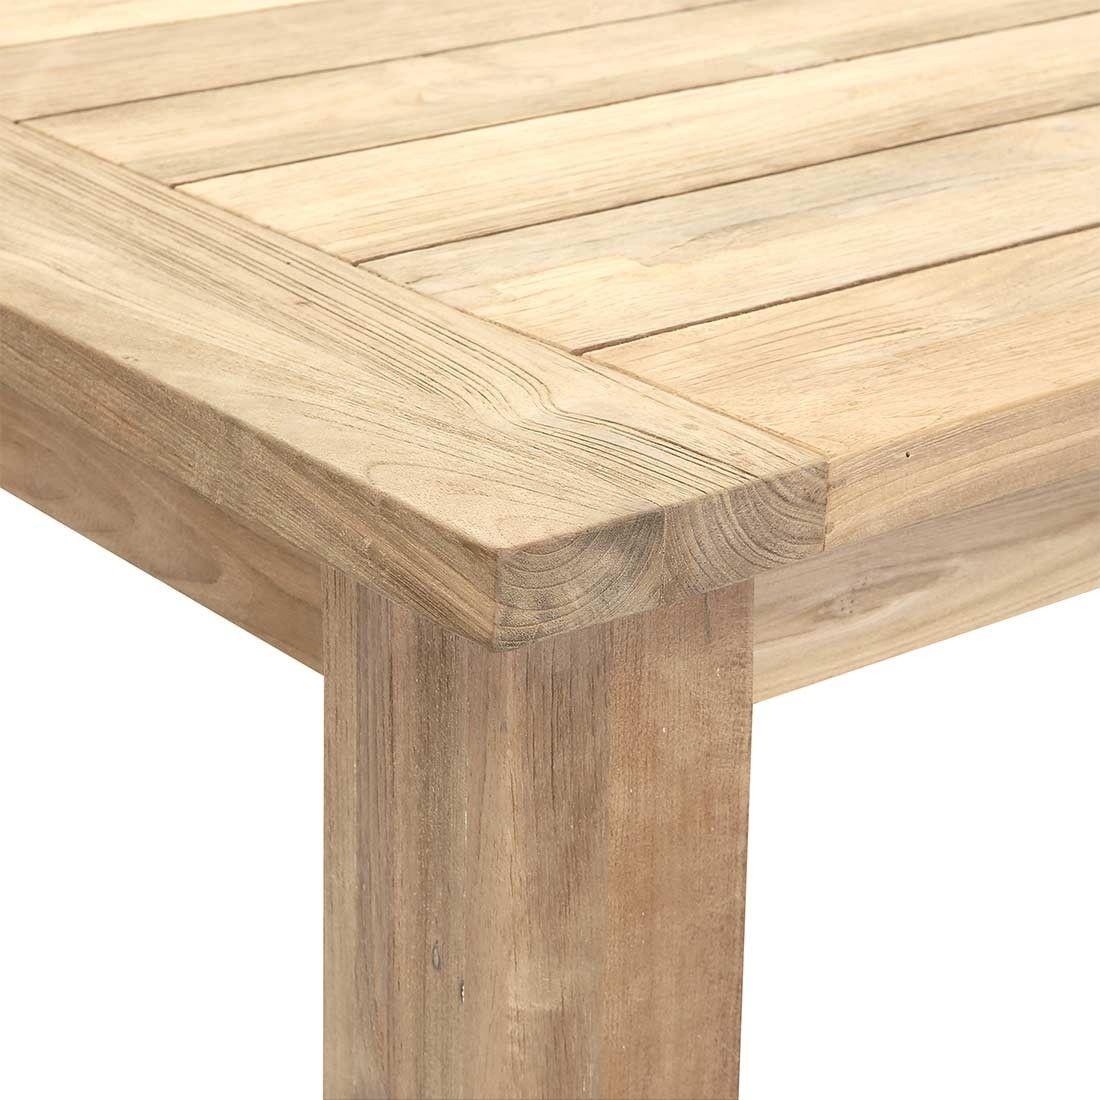 Gartentisch Teak Holz Outliv Oxford Terrassentisch 180x90cm Holztisch Garten Teak Holz Teak Gartenmobel Teak